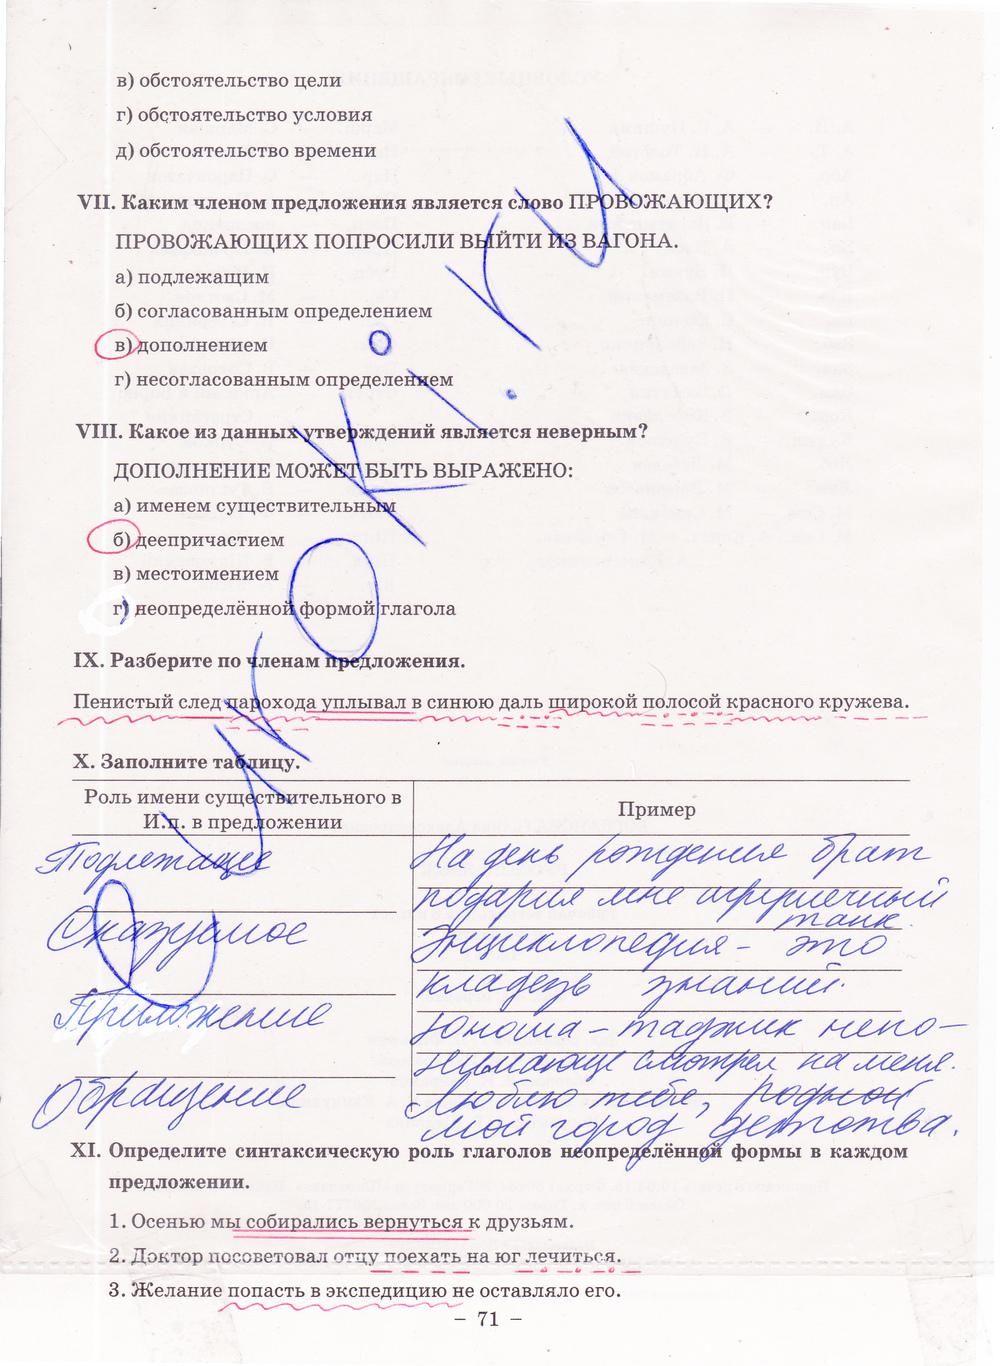 тетрадь 8 по гдз рабочая русскому языку г.а.богданова класс